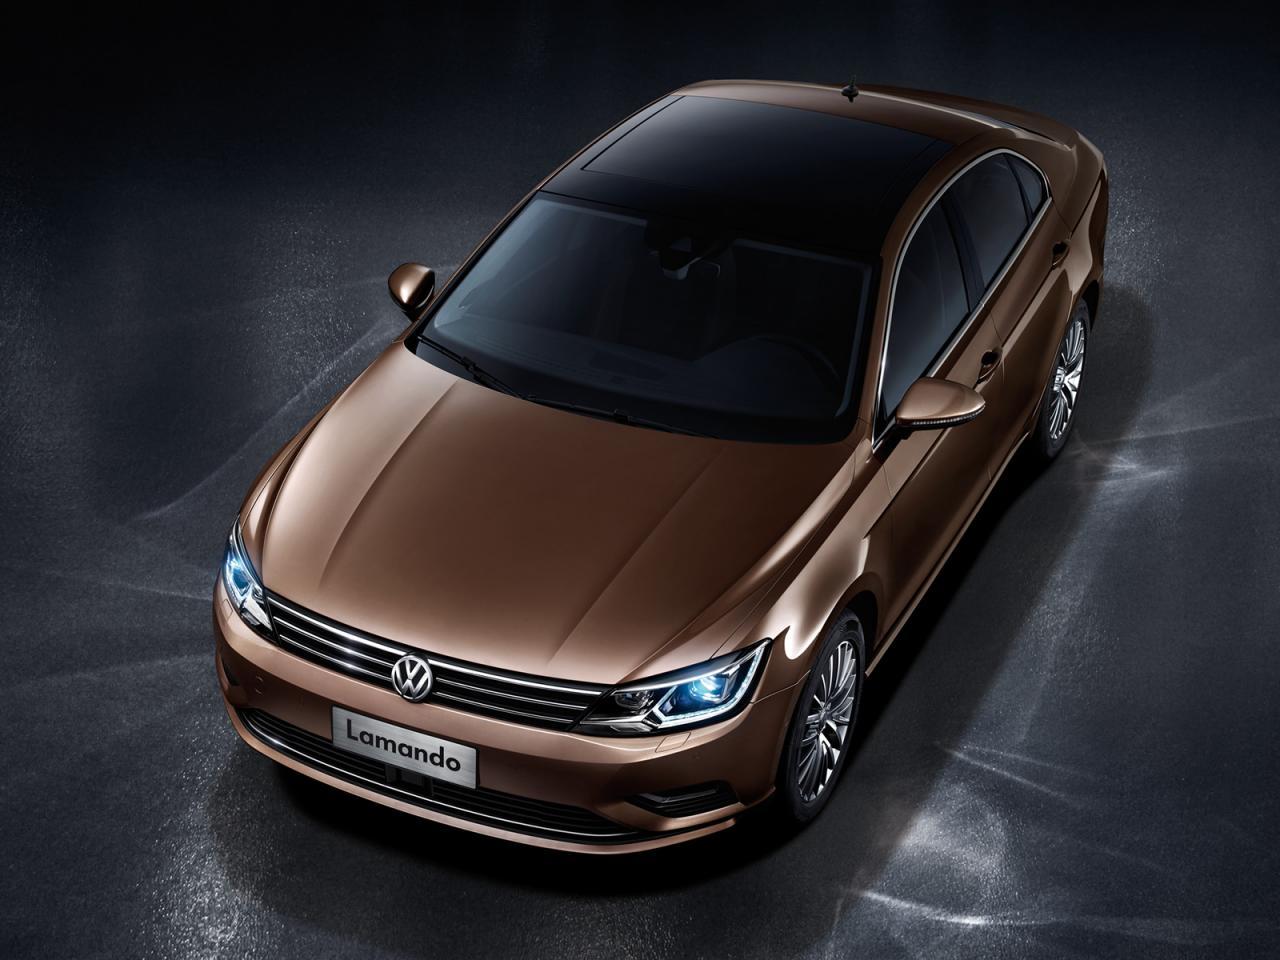 Volkswagen Lamando front